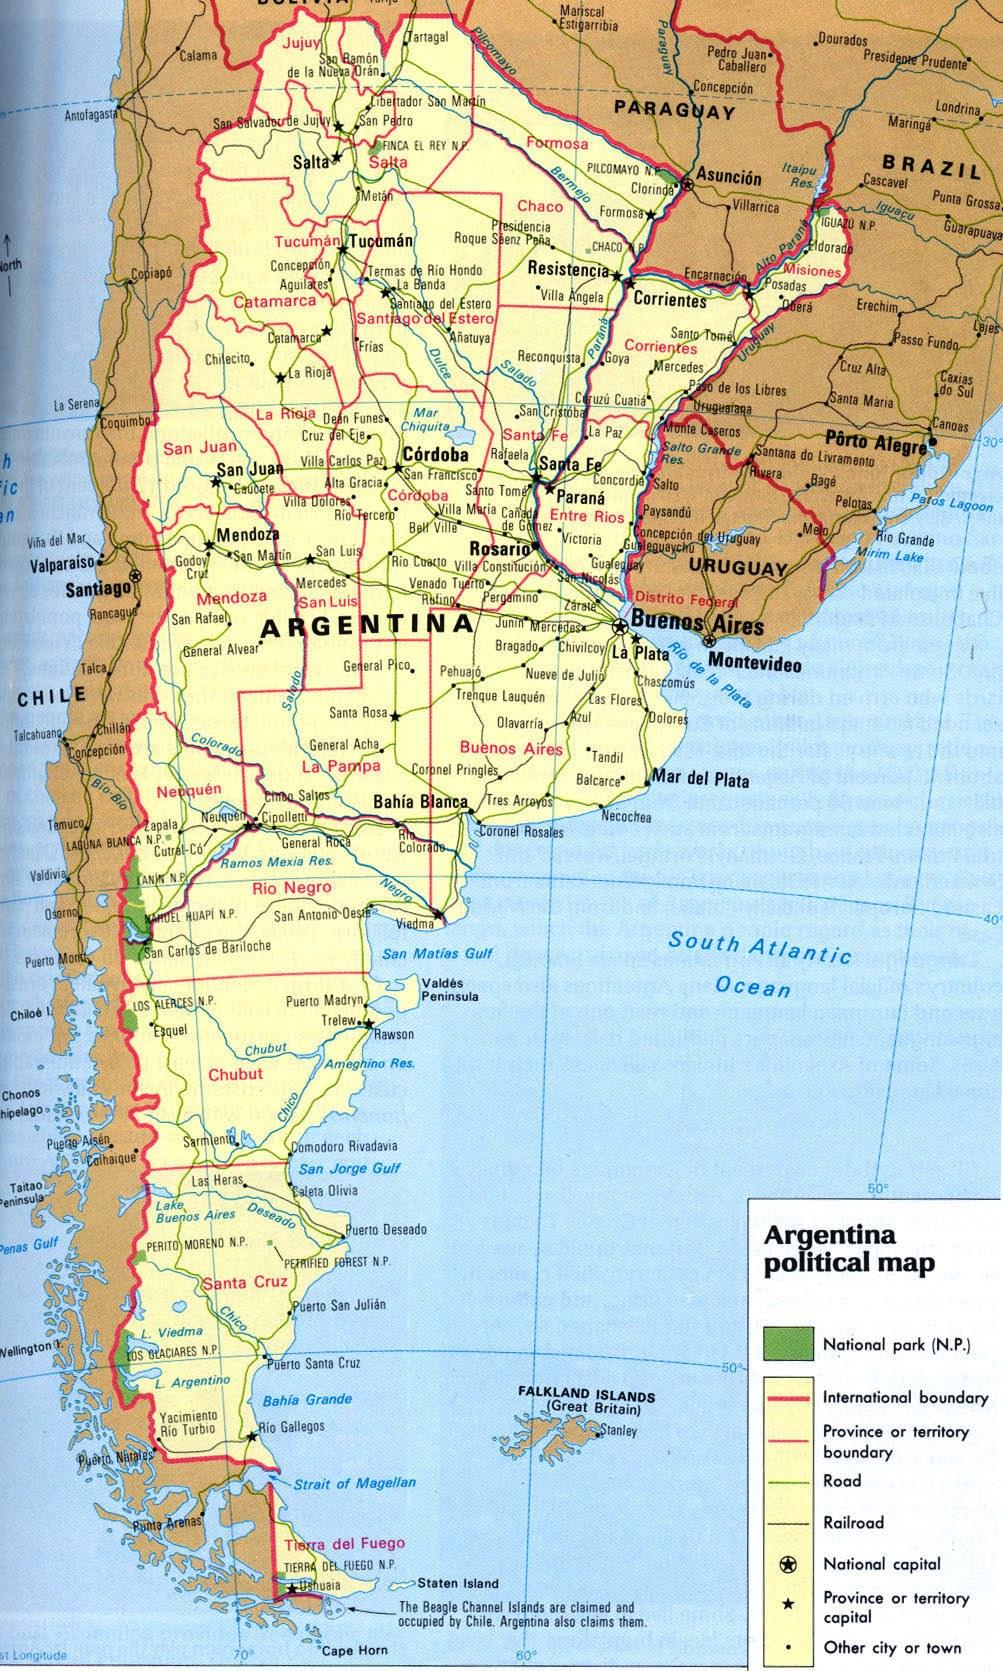 Mapa de rutas de Argentina